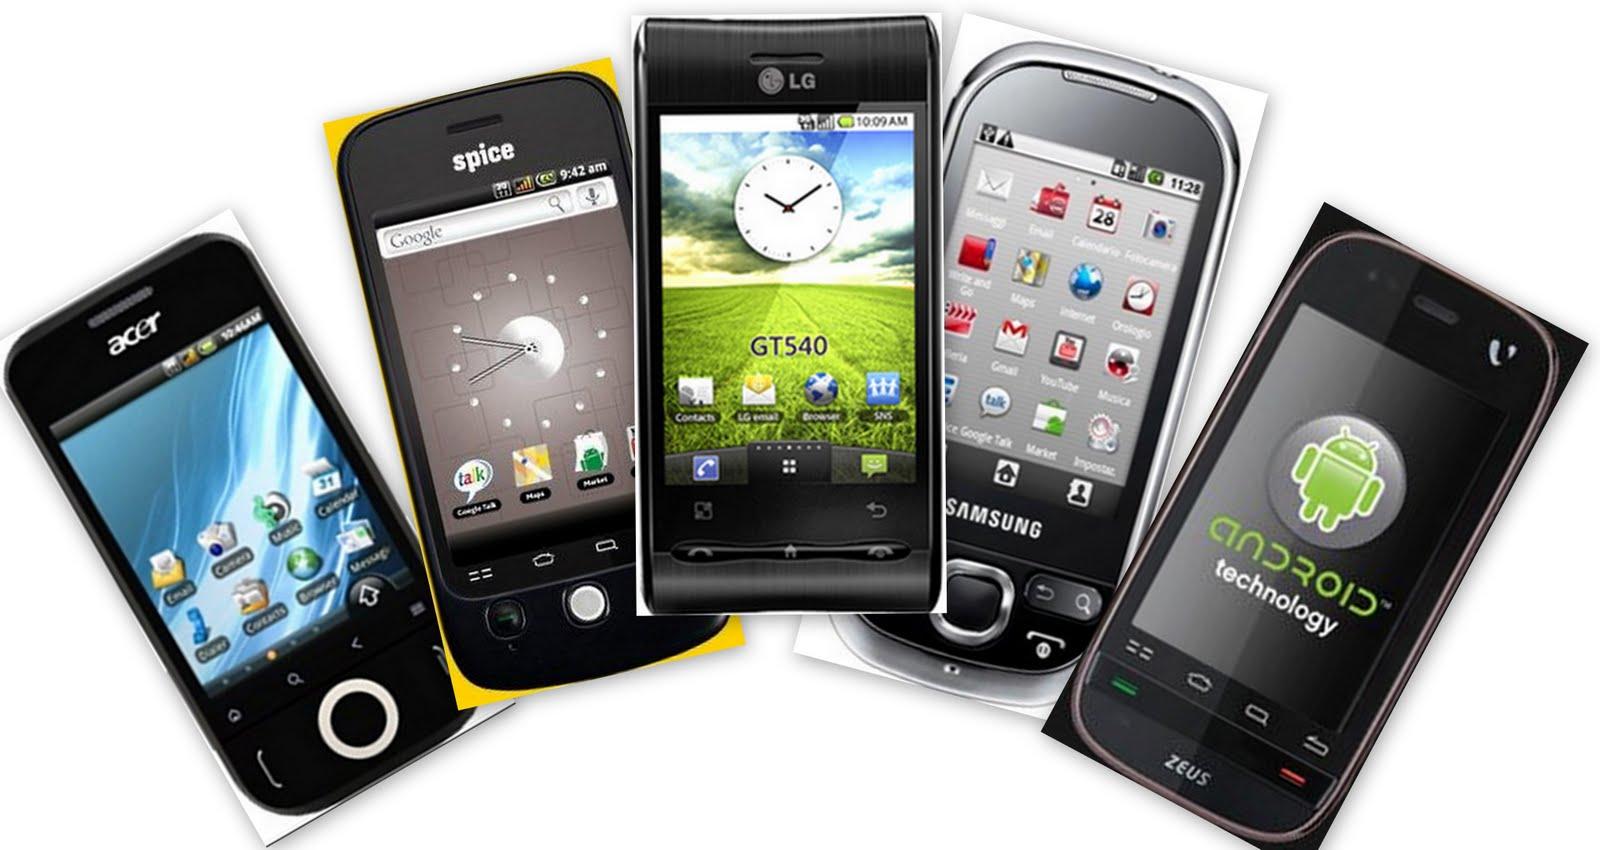 Tamilnadu Mobiles